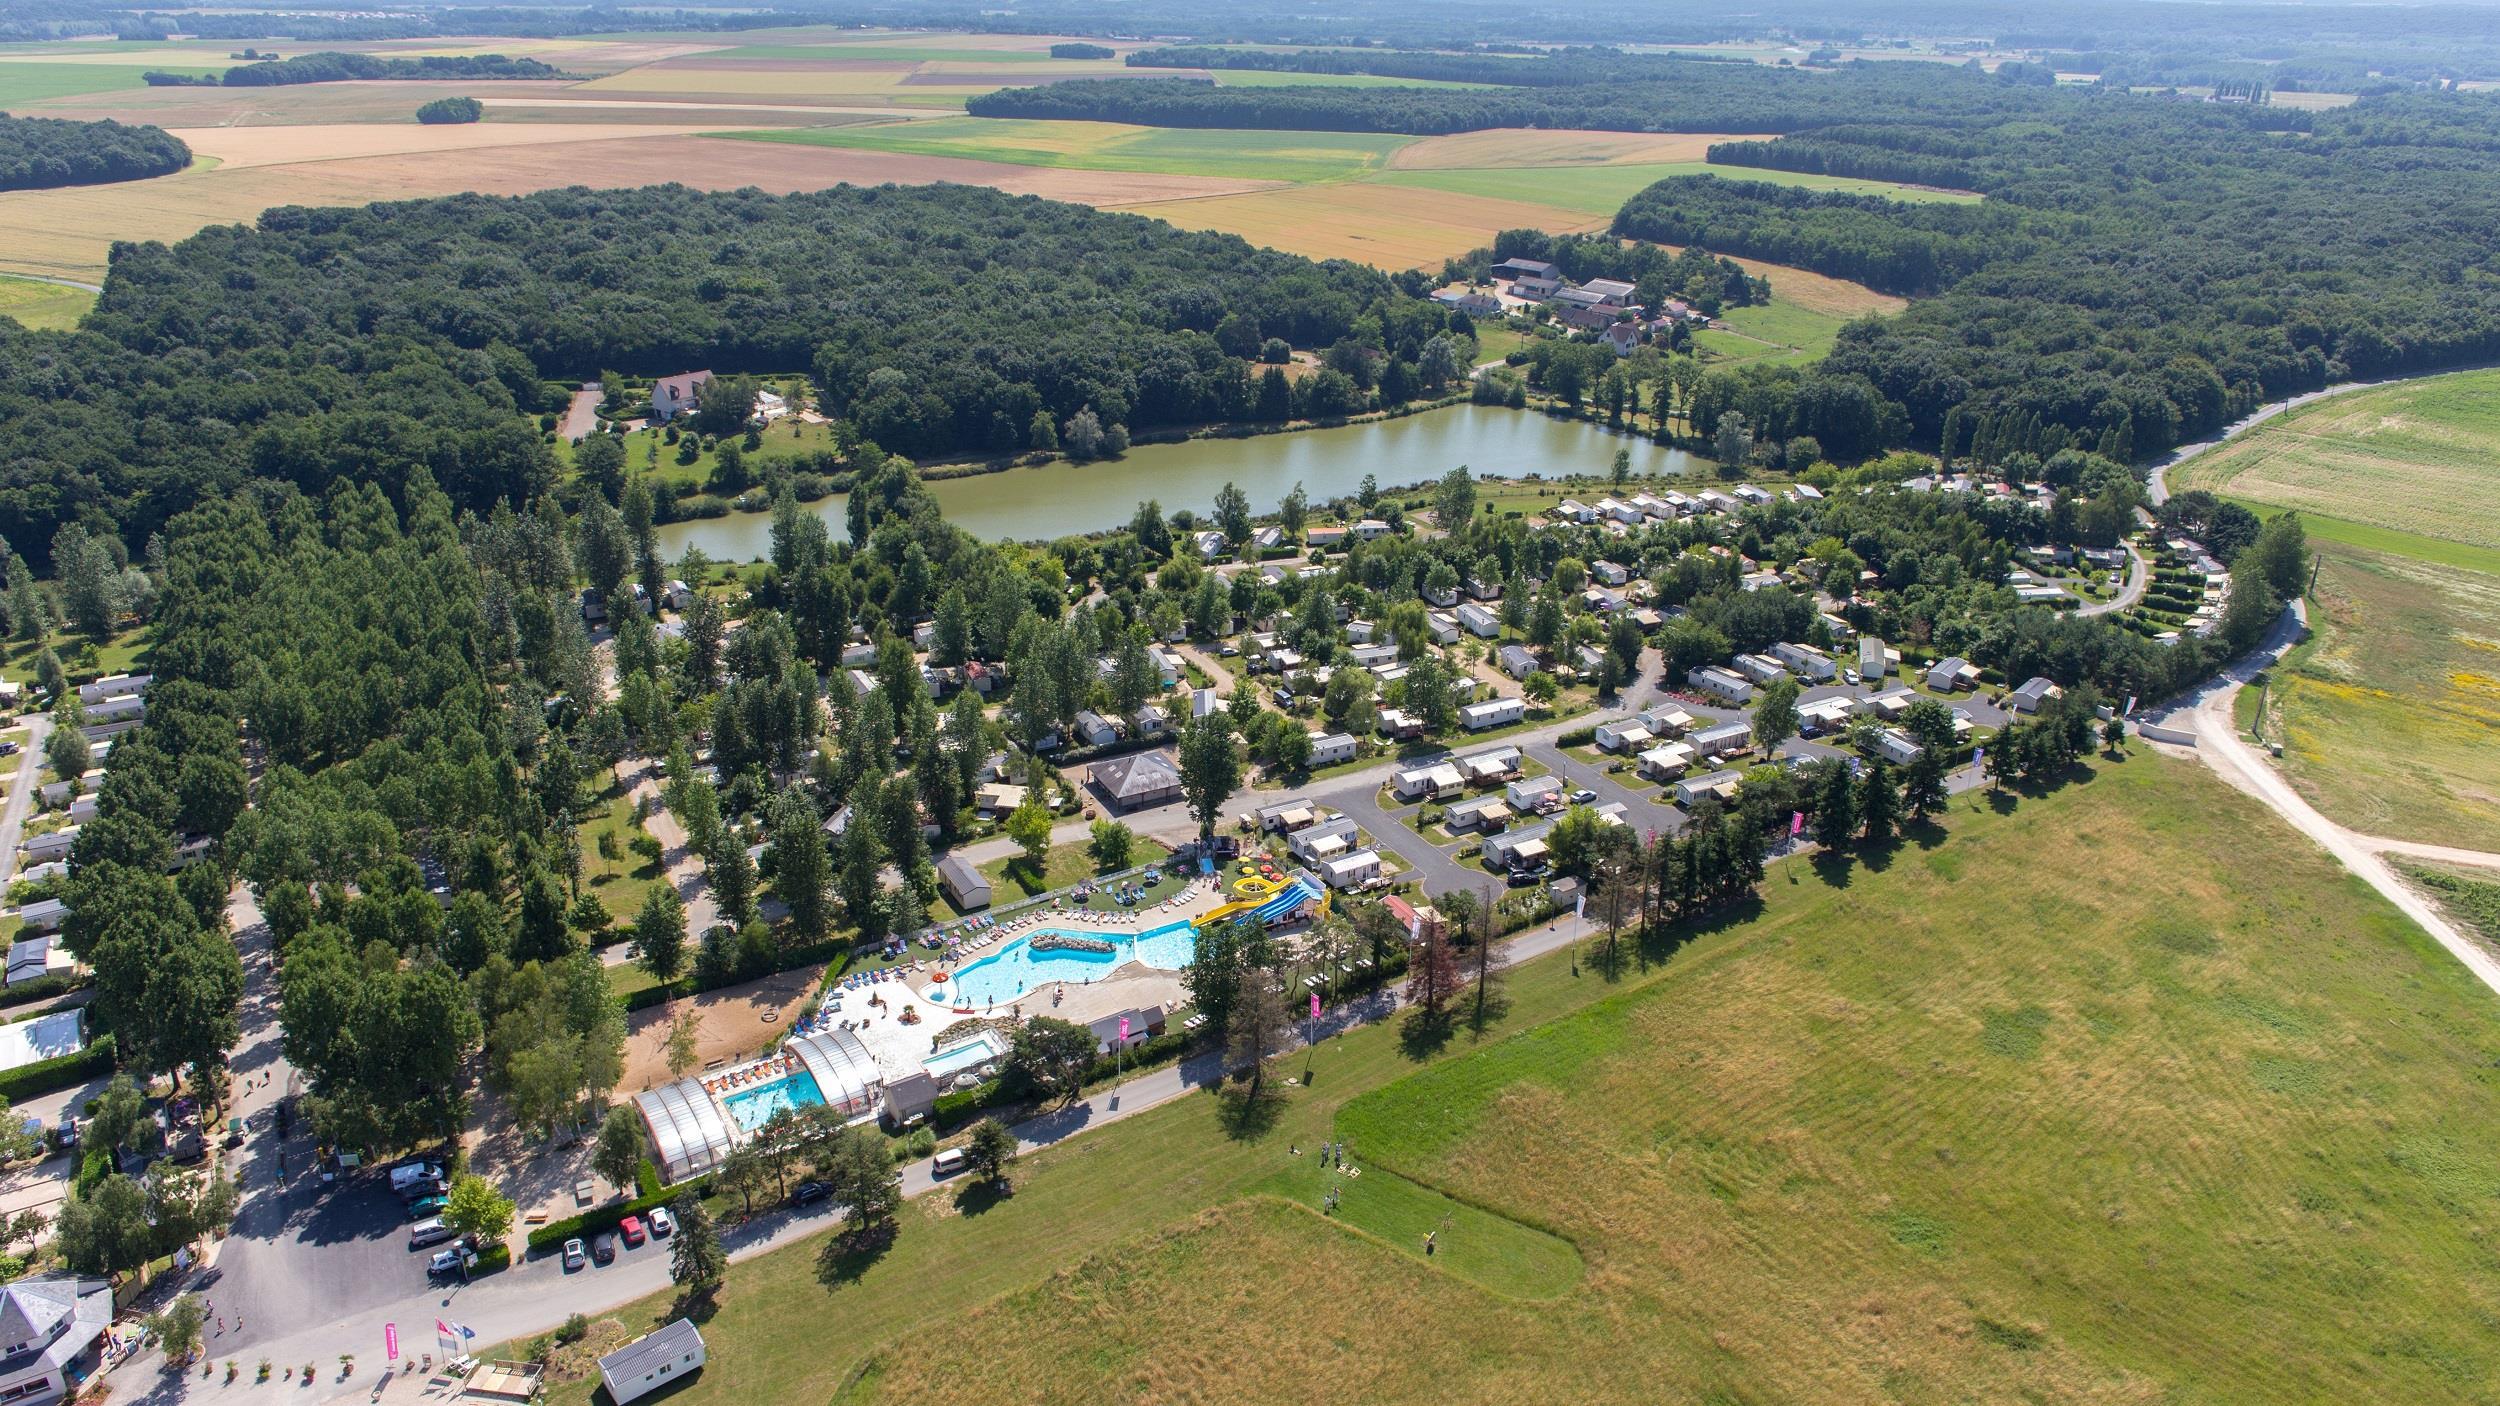 Le Domaine de Dugny